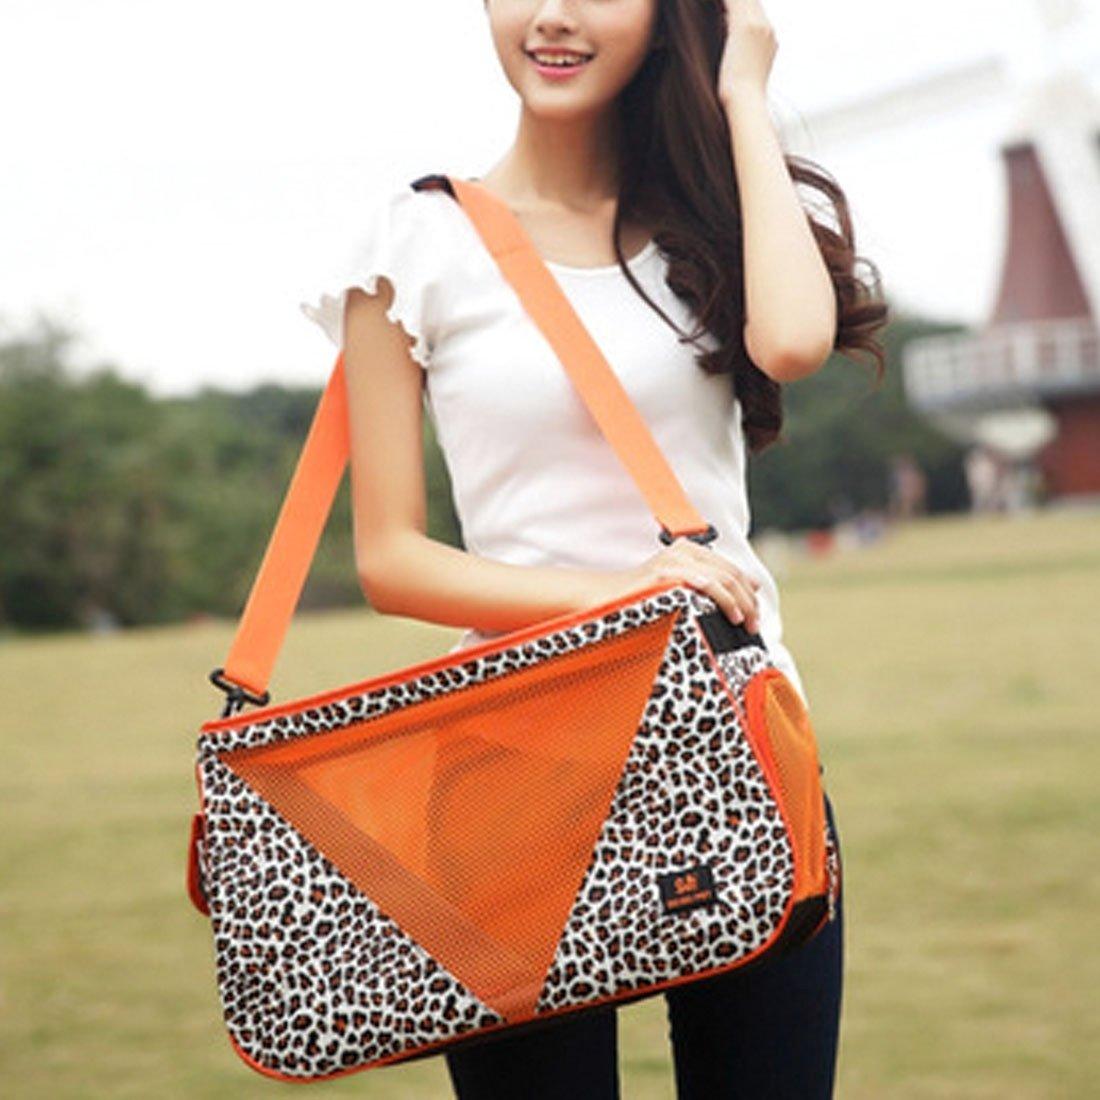 Animale domestico Bella abbastanza bella moda confortevole DODOPET MG-866 portatile borsa a tracolla borsa per animali domestici gatto   cane e altri animali grandi, dimensioni  50  30  19 cm conven